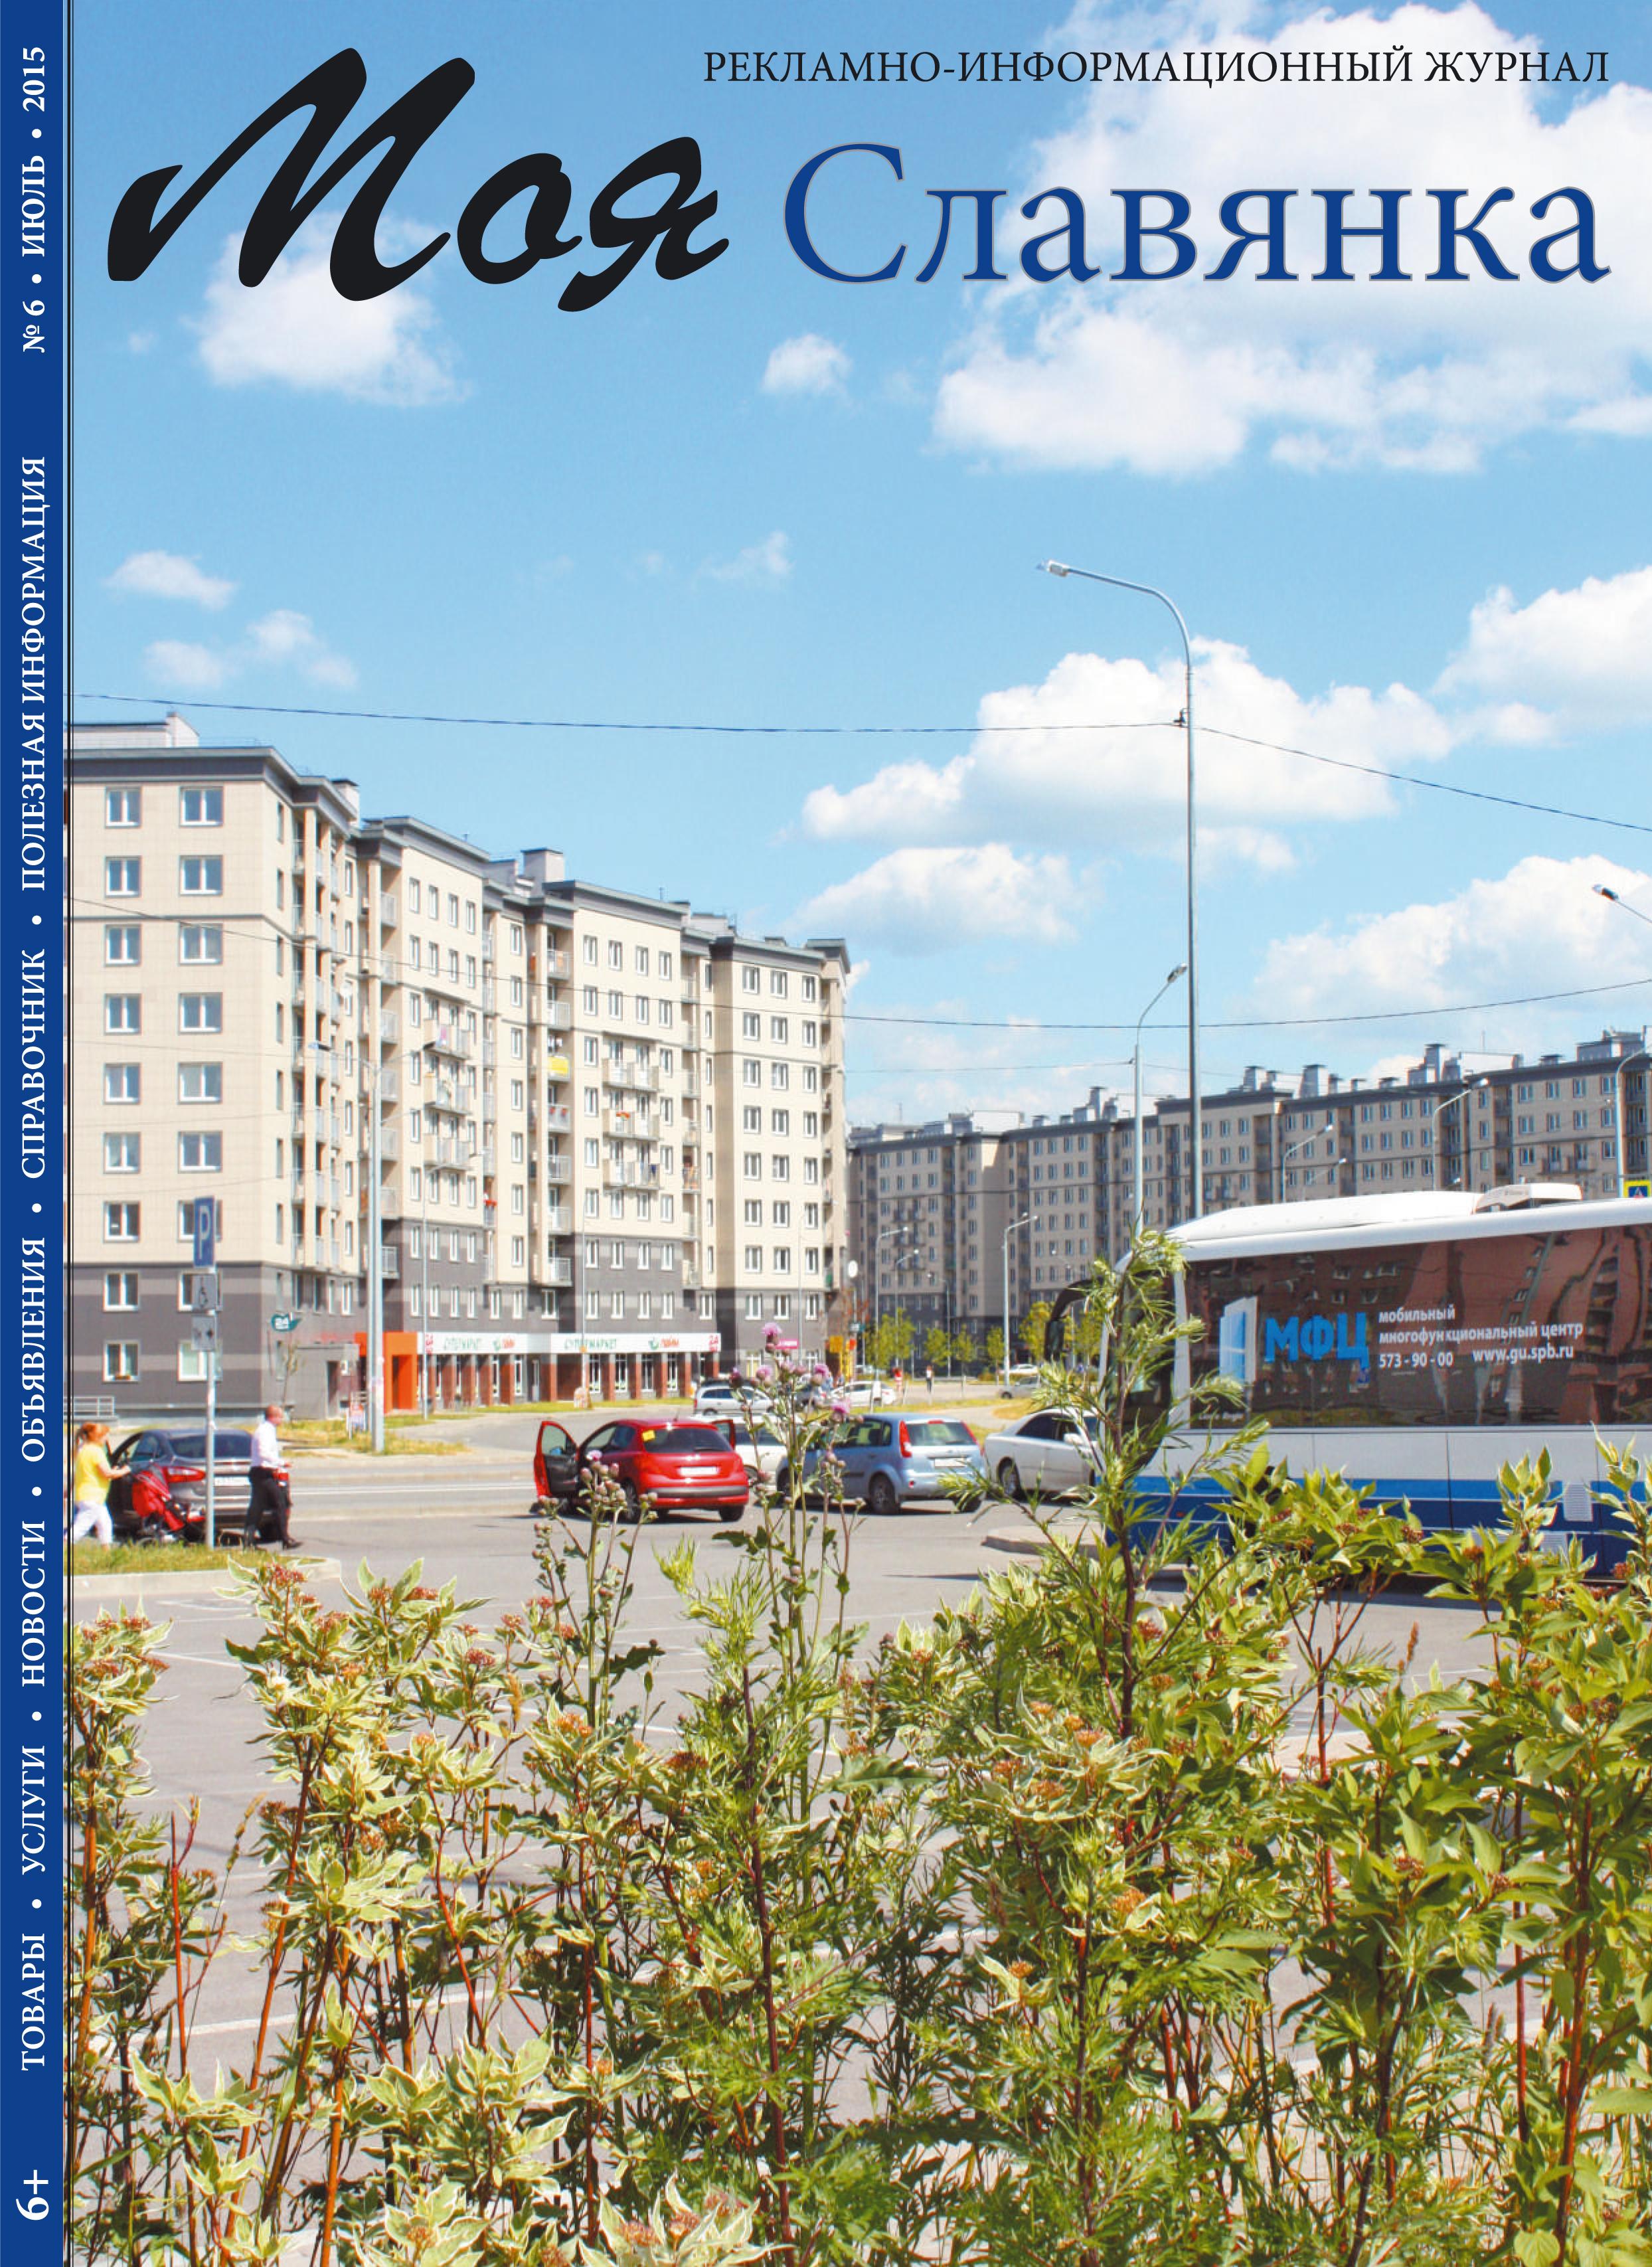 Журнал в ЖК Славянка